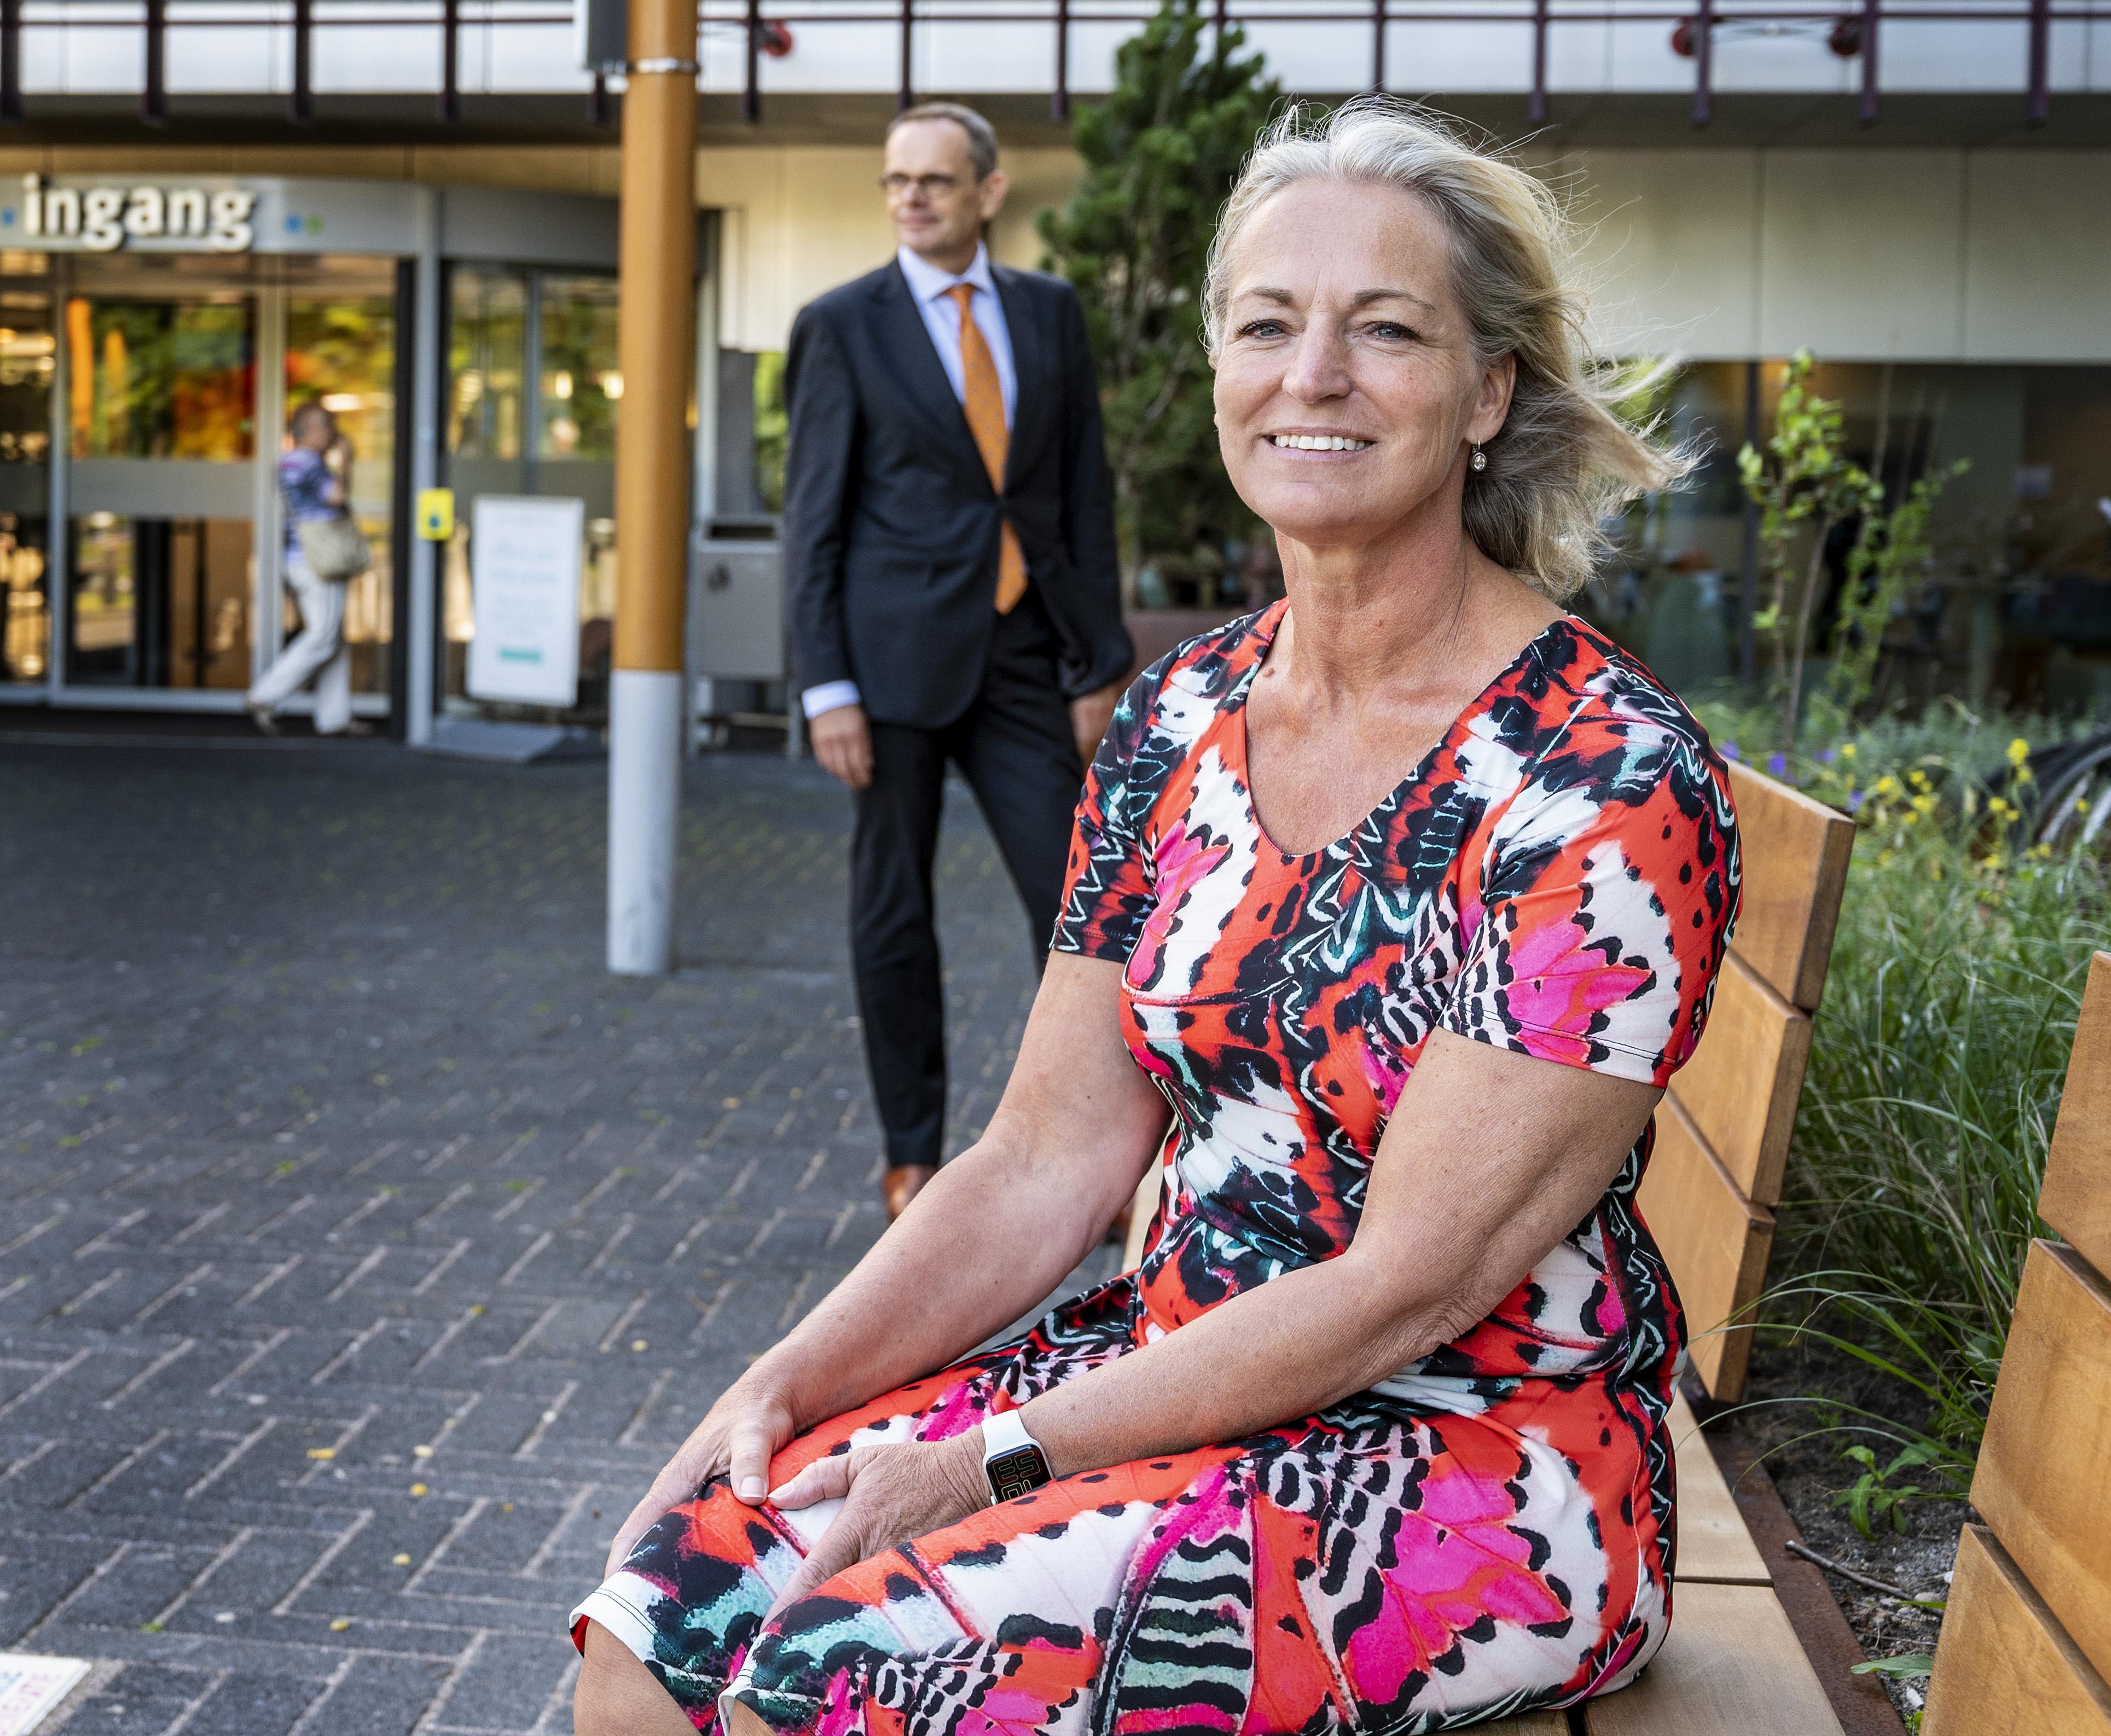 Patiënten nemen in Haarlem steeds meer de zorgregie over van het 'bevoogdende' ziekenhuis